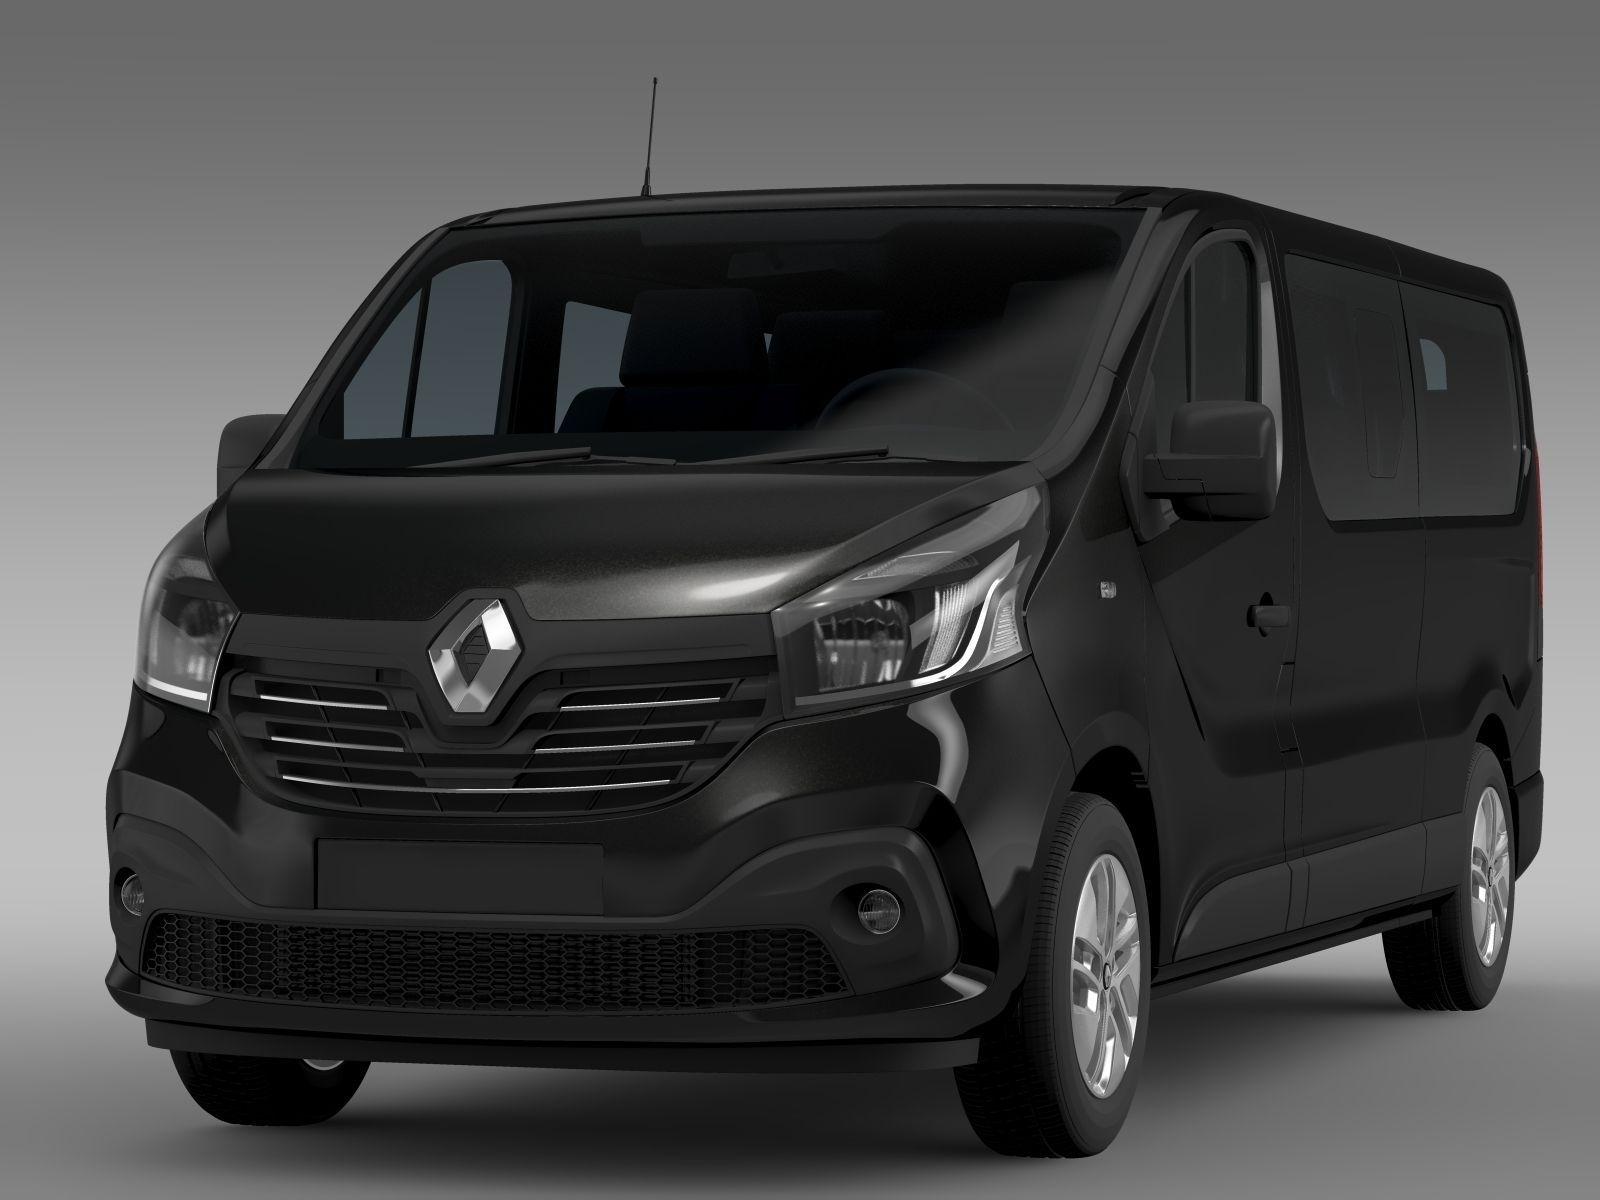 renault trafic minibus l2h1 2015 3d model max obj 3ds fbx. Black Bedroom Furniture Sets. Home Design Ideas